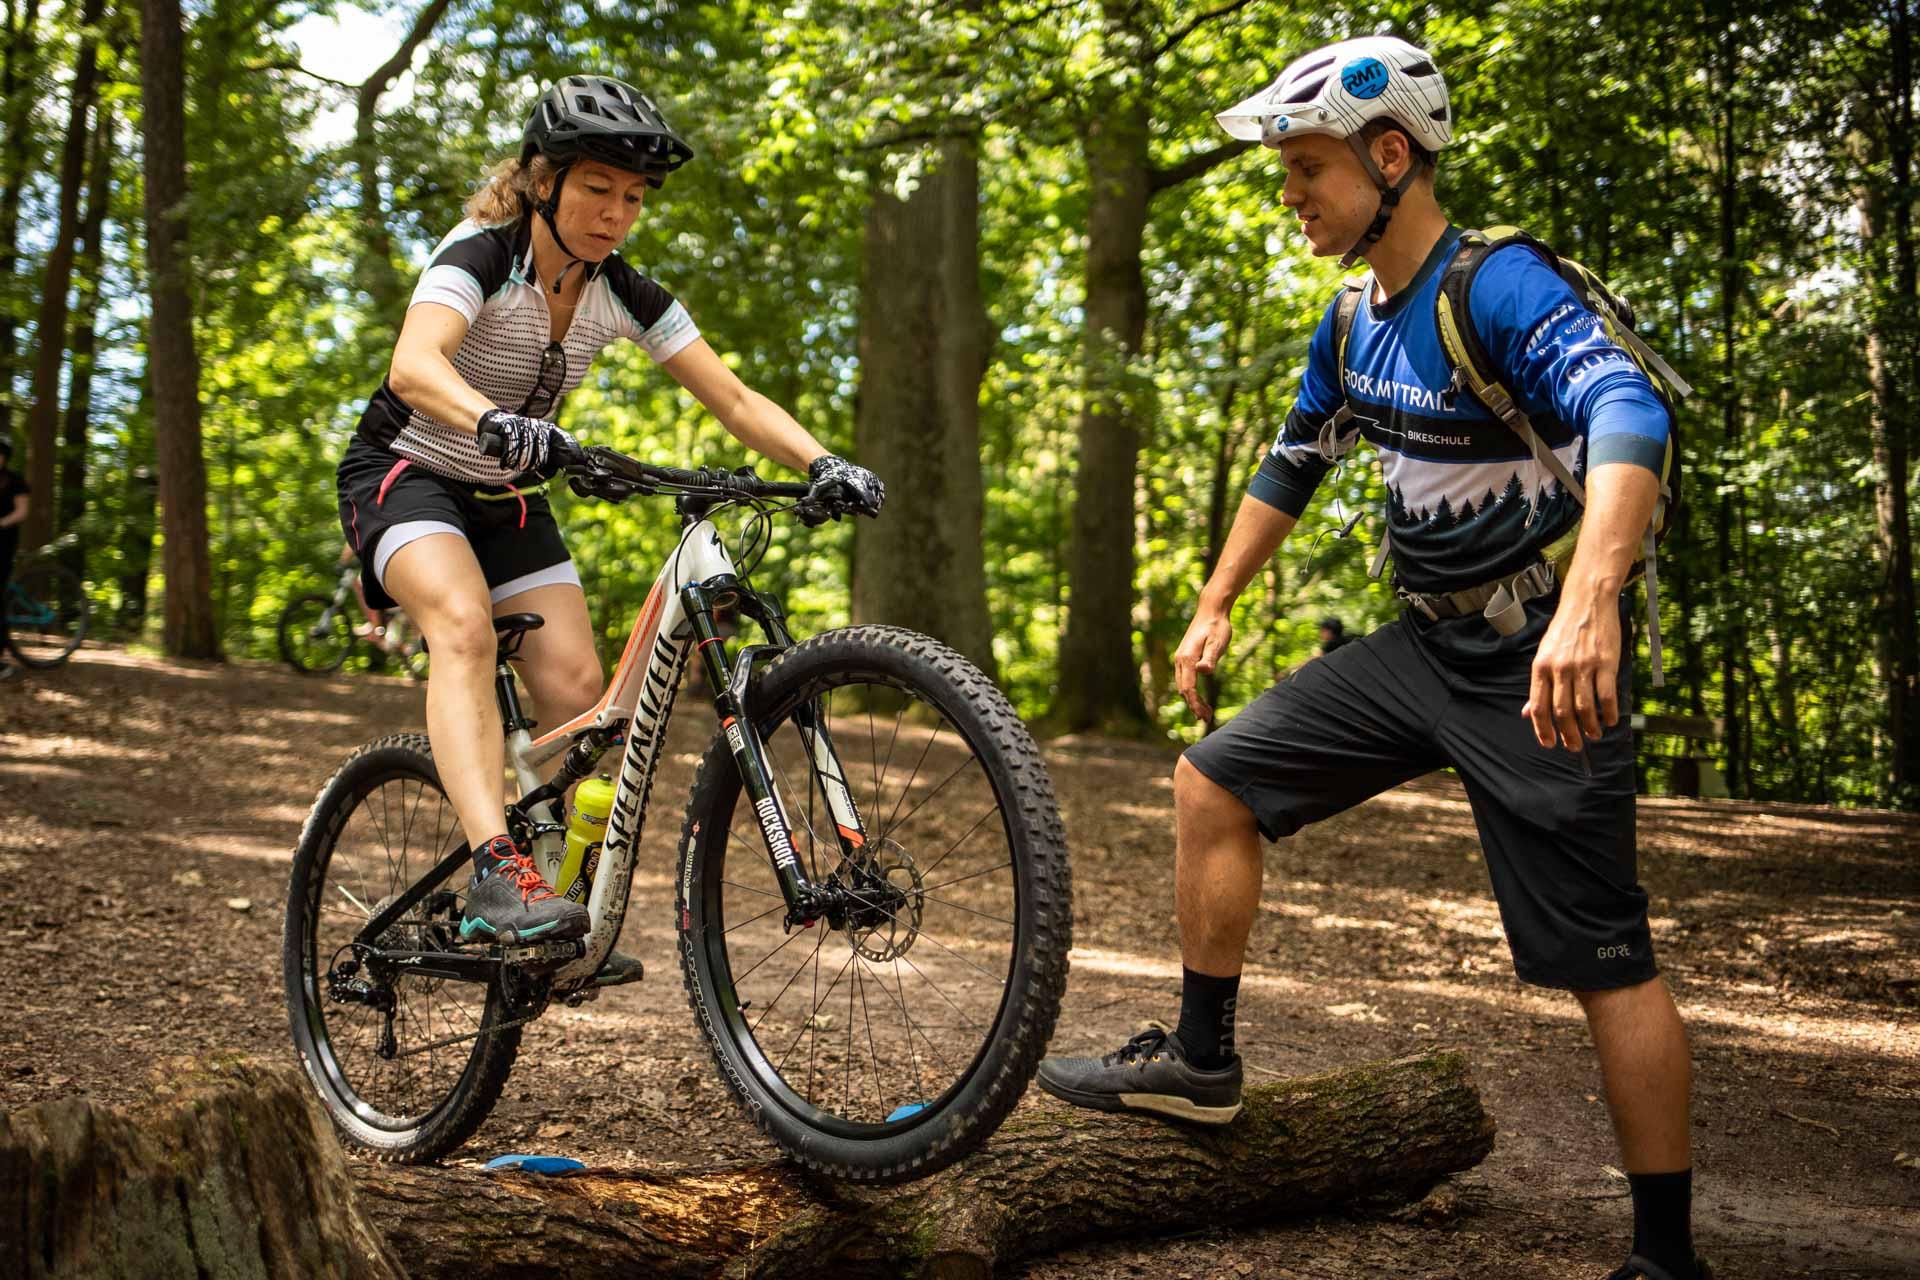 MTB Fahrtechnik Kurs für Einsteiger in Nürnberg - Mountainbike Basic - Rock my Trail Bikeschule30